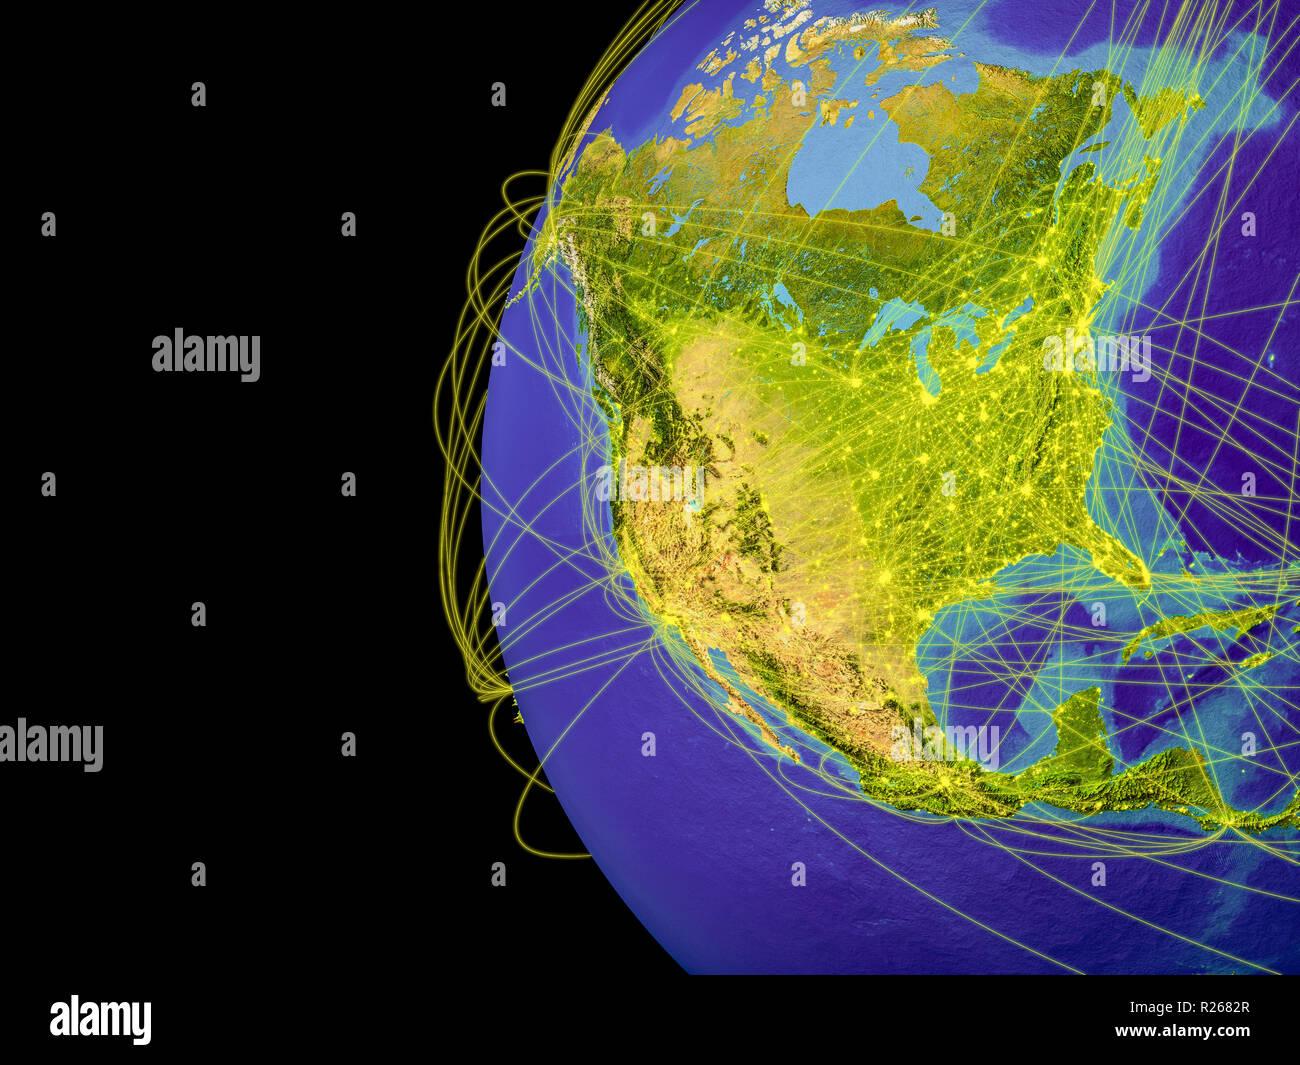 Nordamerika aus dem Weltraum auf dem Planeten Erde mit Linien, globale Kommunikation, Reisen, Verbindungen. 3D-Darstellung. Elemente dieses Bild fu Stockfoto